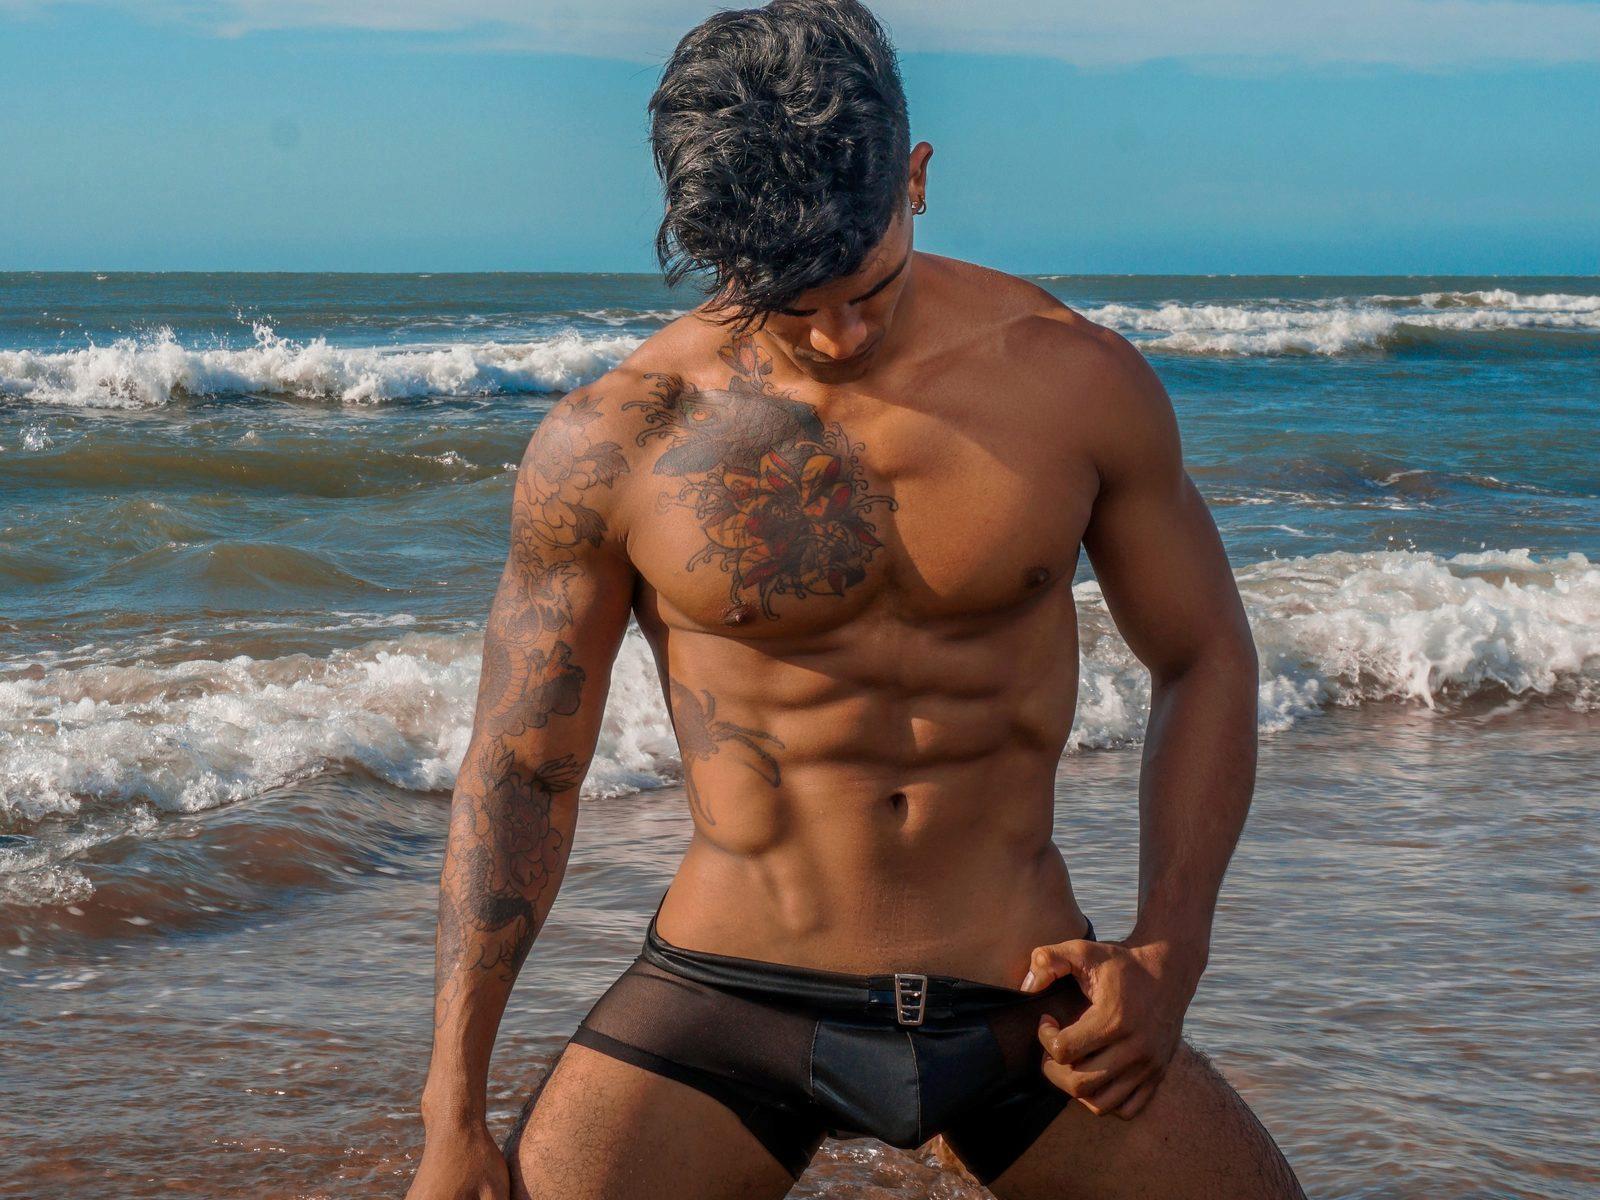 Tony Mars beach